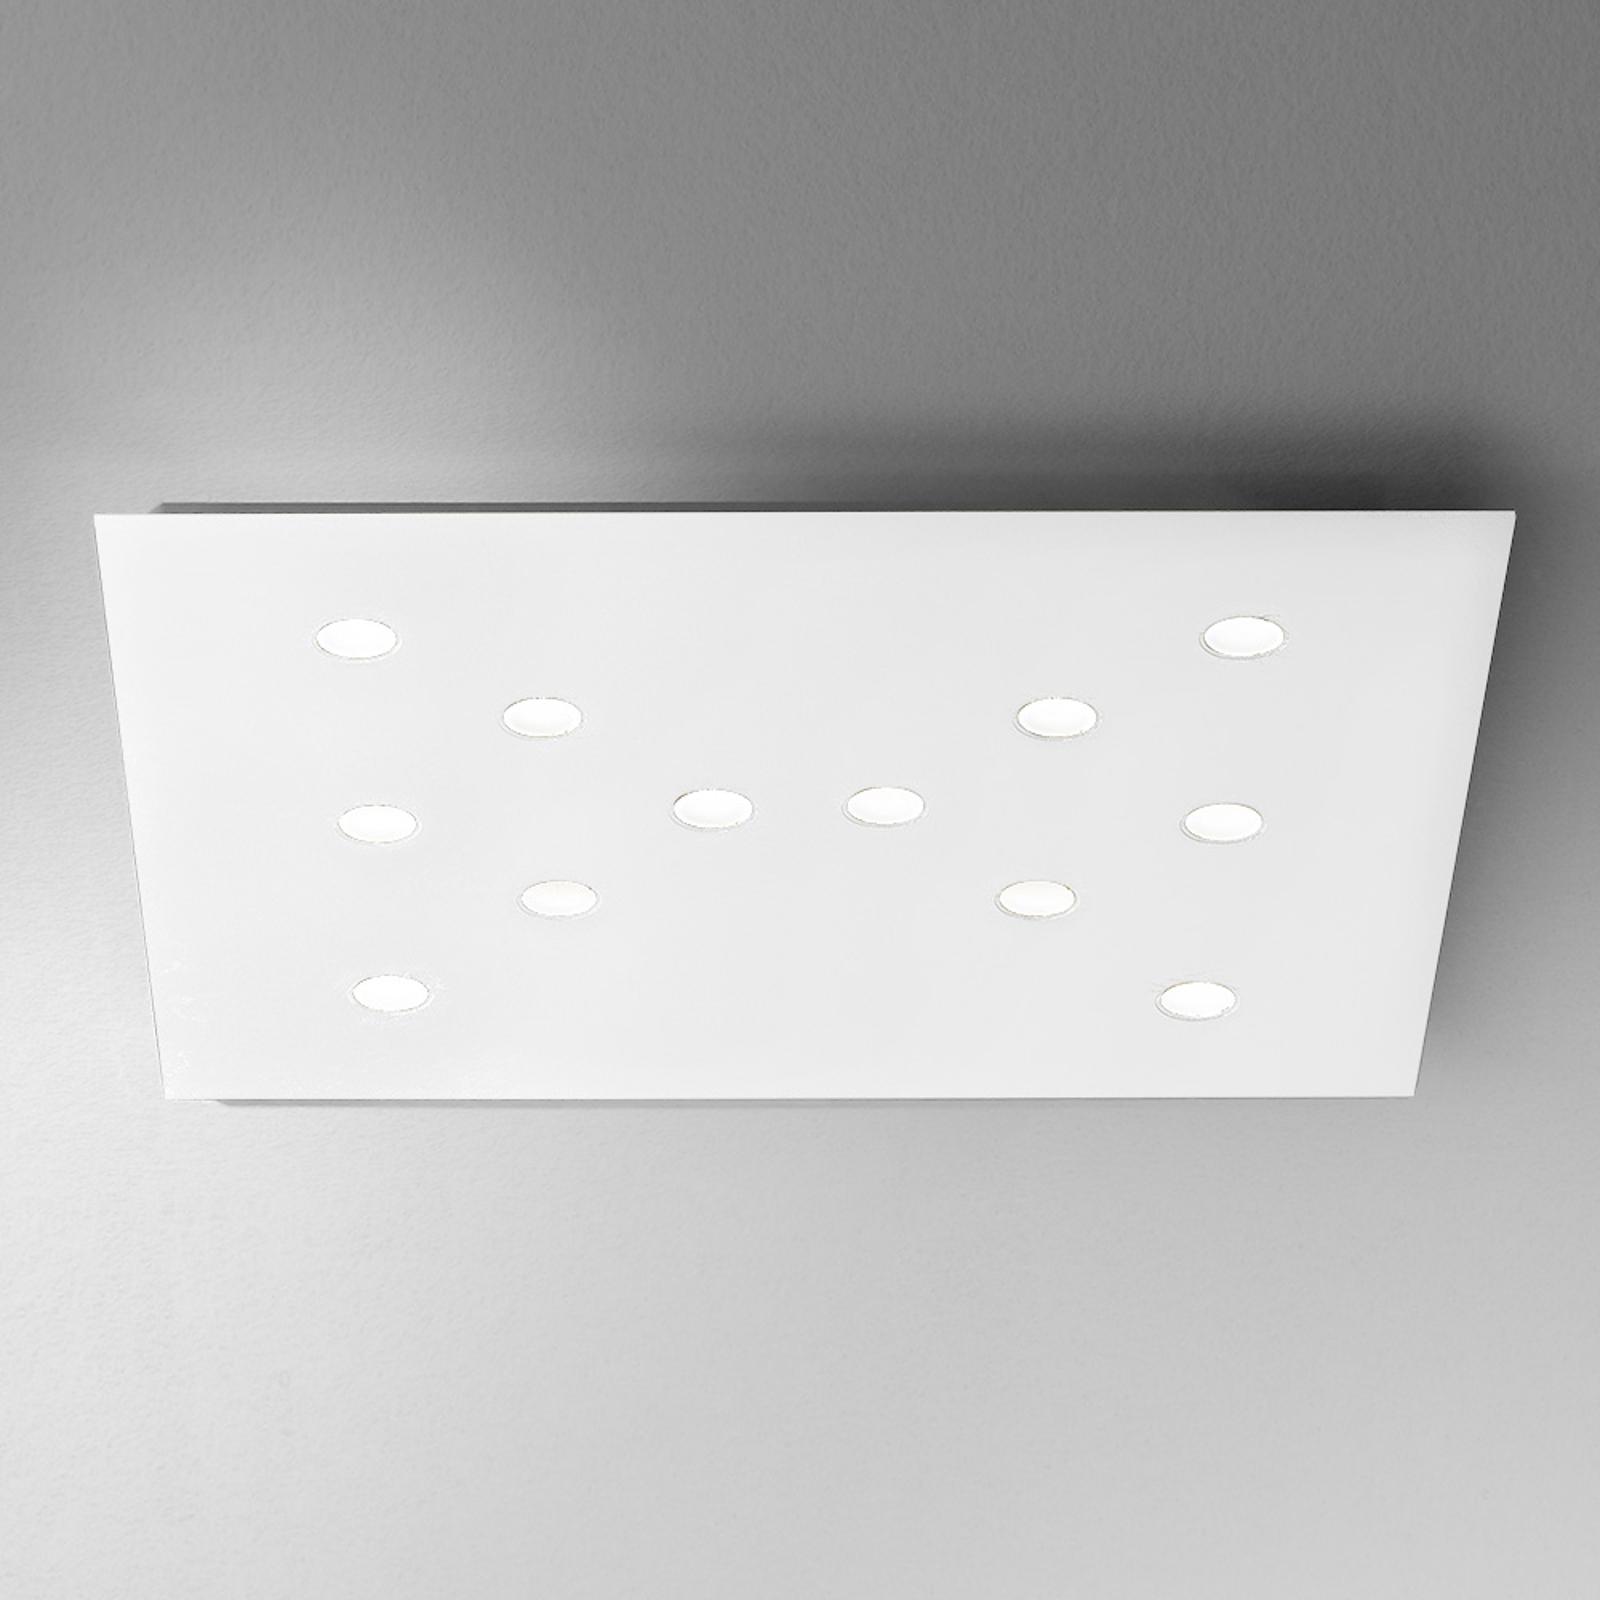 Płaska lampa sufitowa LED Slim 12-punktowa biała